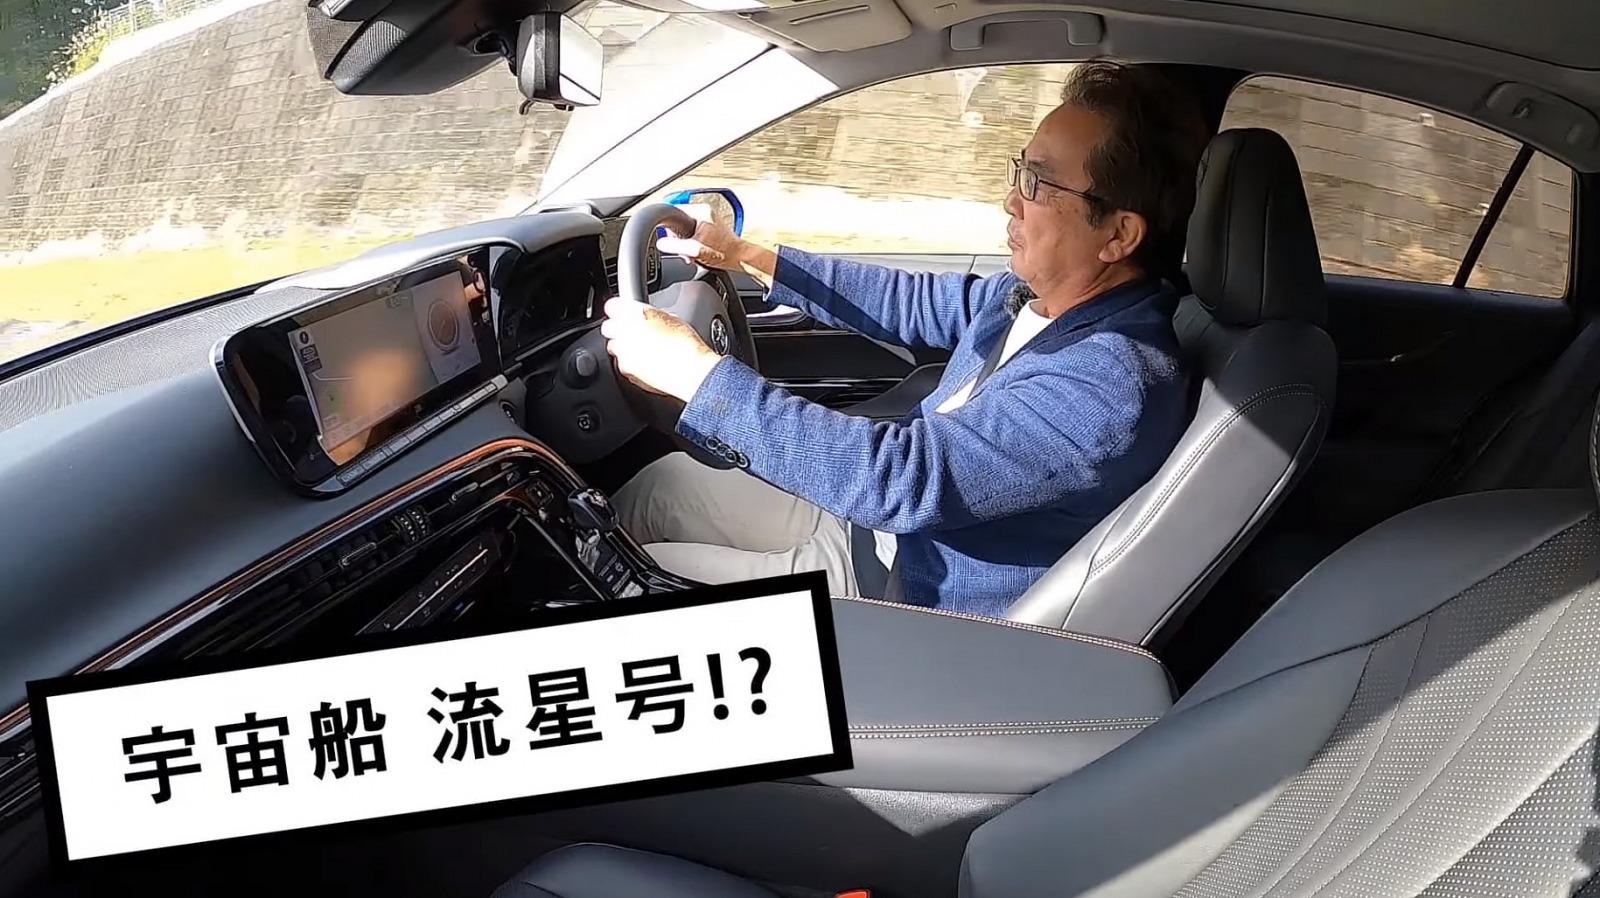 スーパージェッター・流星号!?